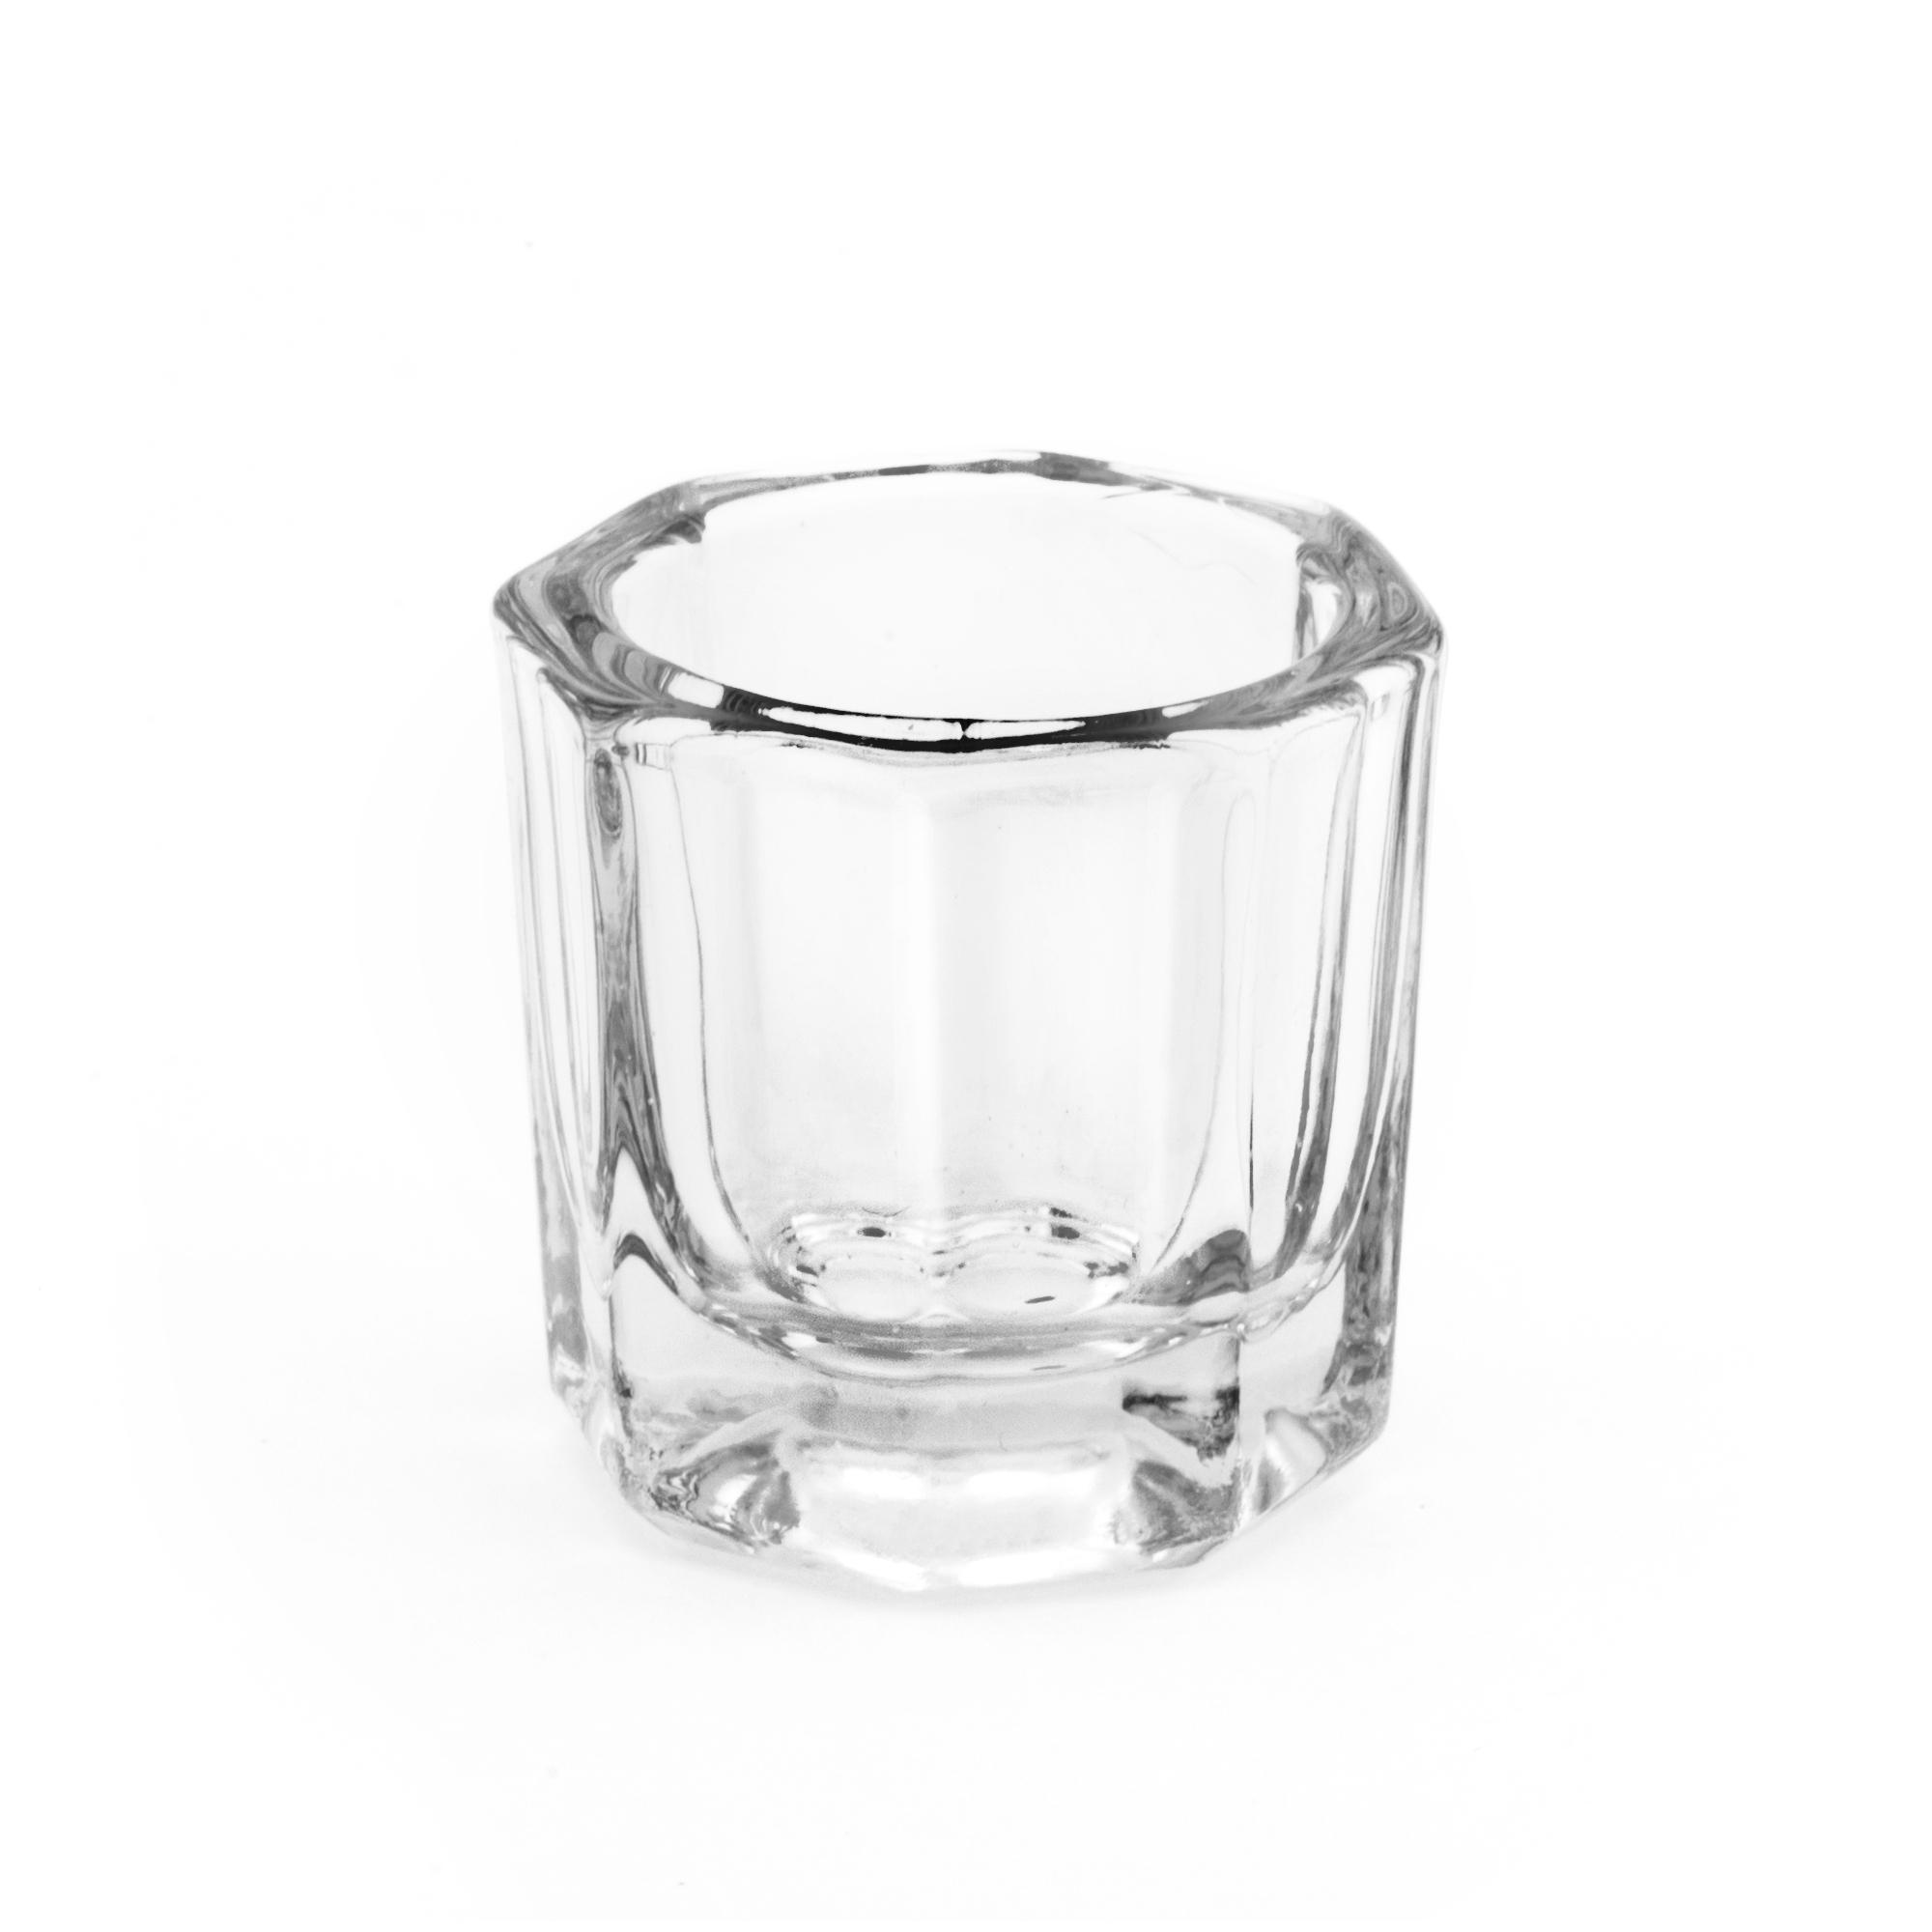 LUCAS' COSMETICS Стаканчик стеклянный для разведения хны (5мл) от Галерея Косметики